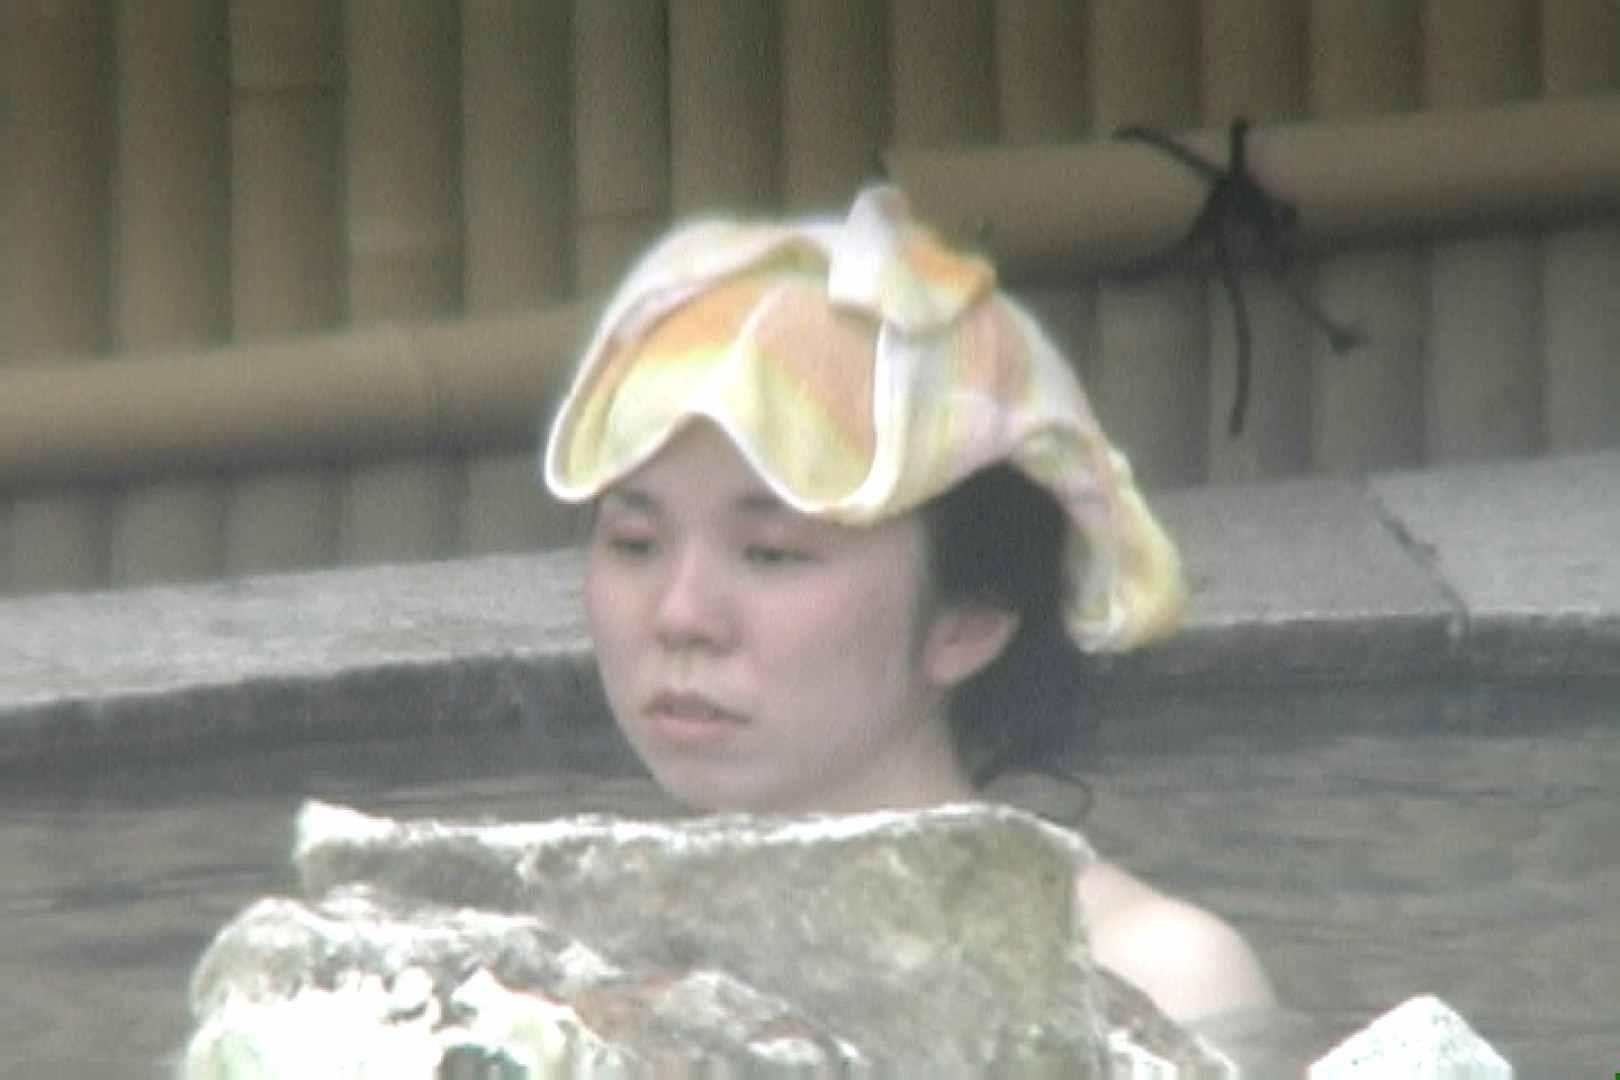 Aquaな露天風呂Vol.687 盗撮  63画像 39